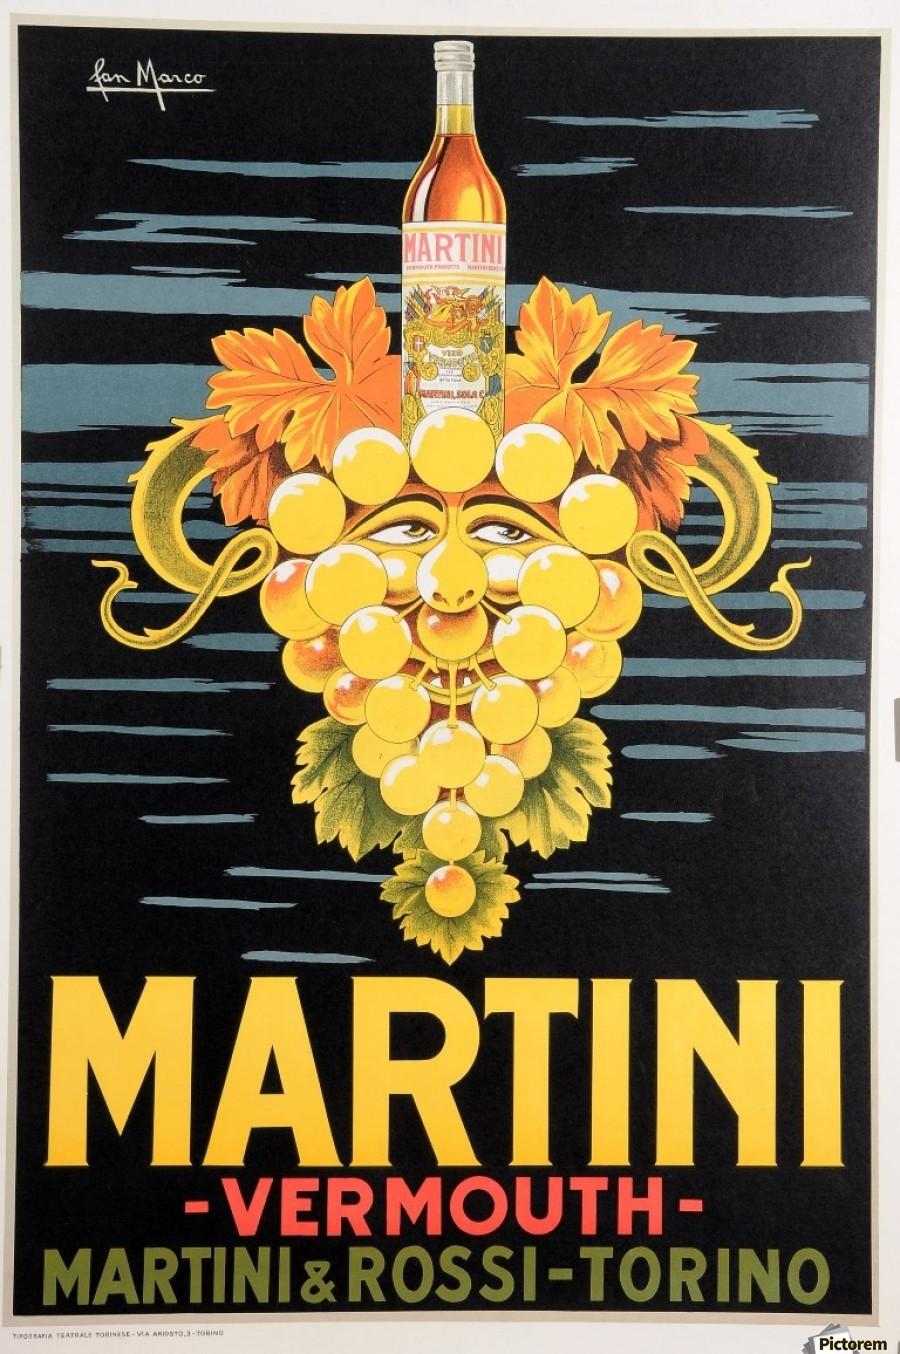 Original Vintage Italian Poster Advertising Martini Vermouth By Pan